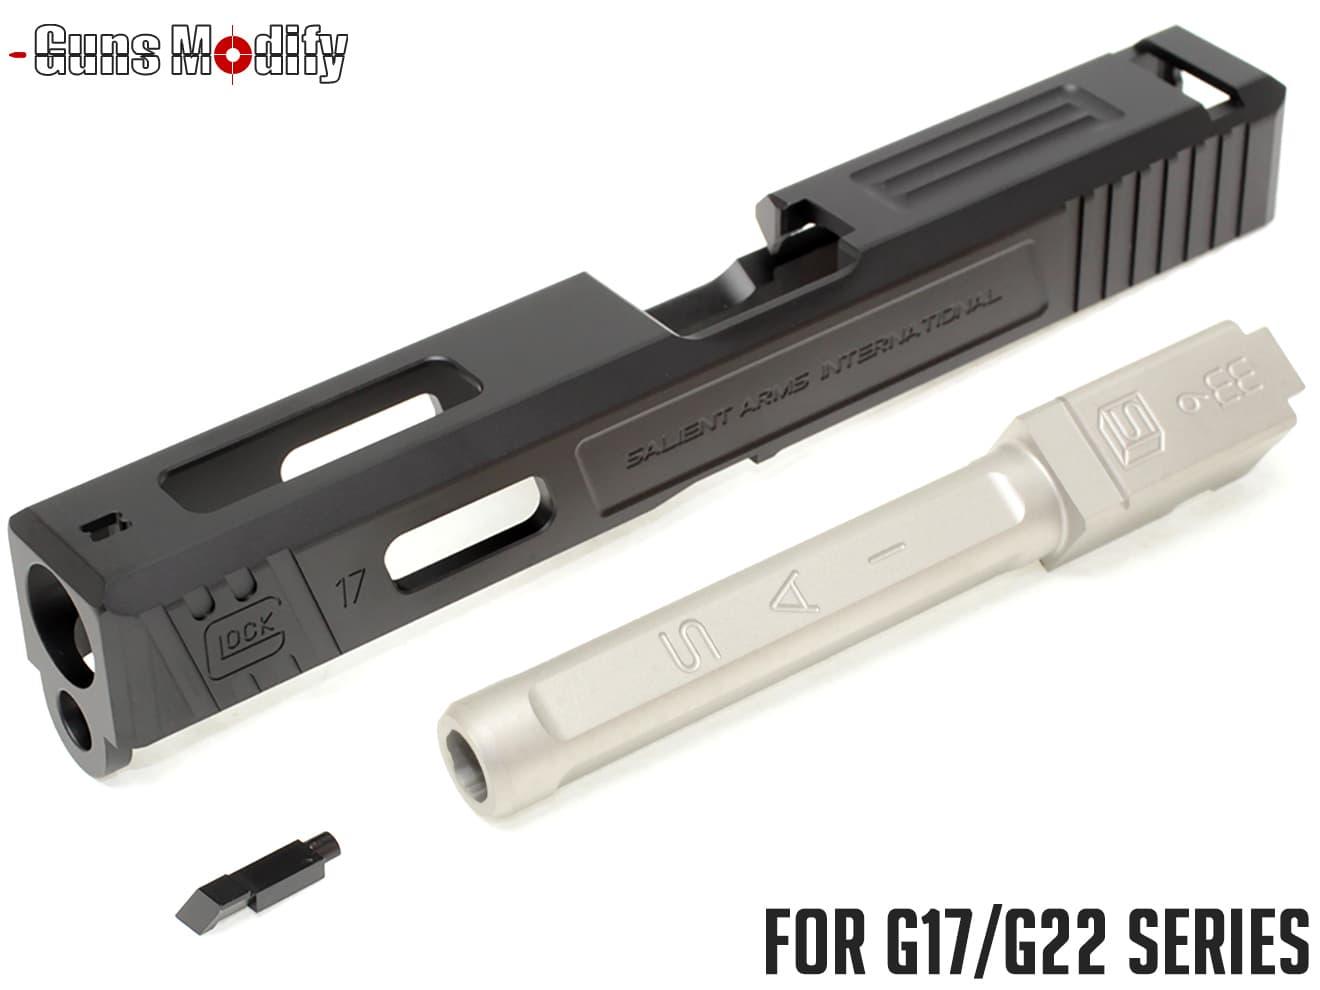 Guns Modify G17 SA CNC Tier 1 アルミスライド&ステンレス ボックスフルート アウターバレルセット◆GLOCK G17/G22対応 SAIタイプ メタル